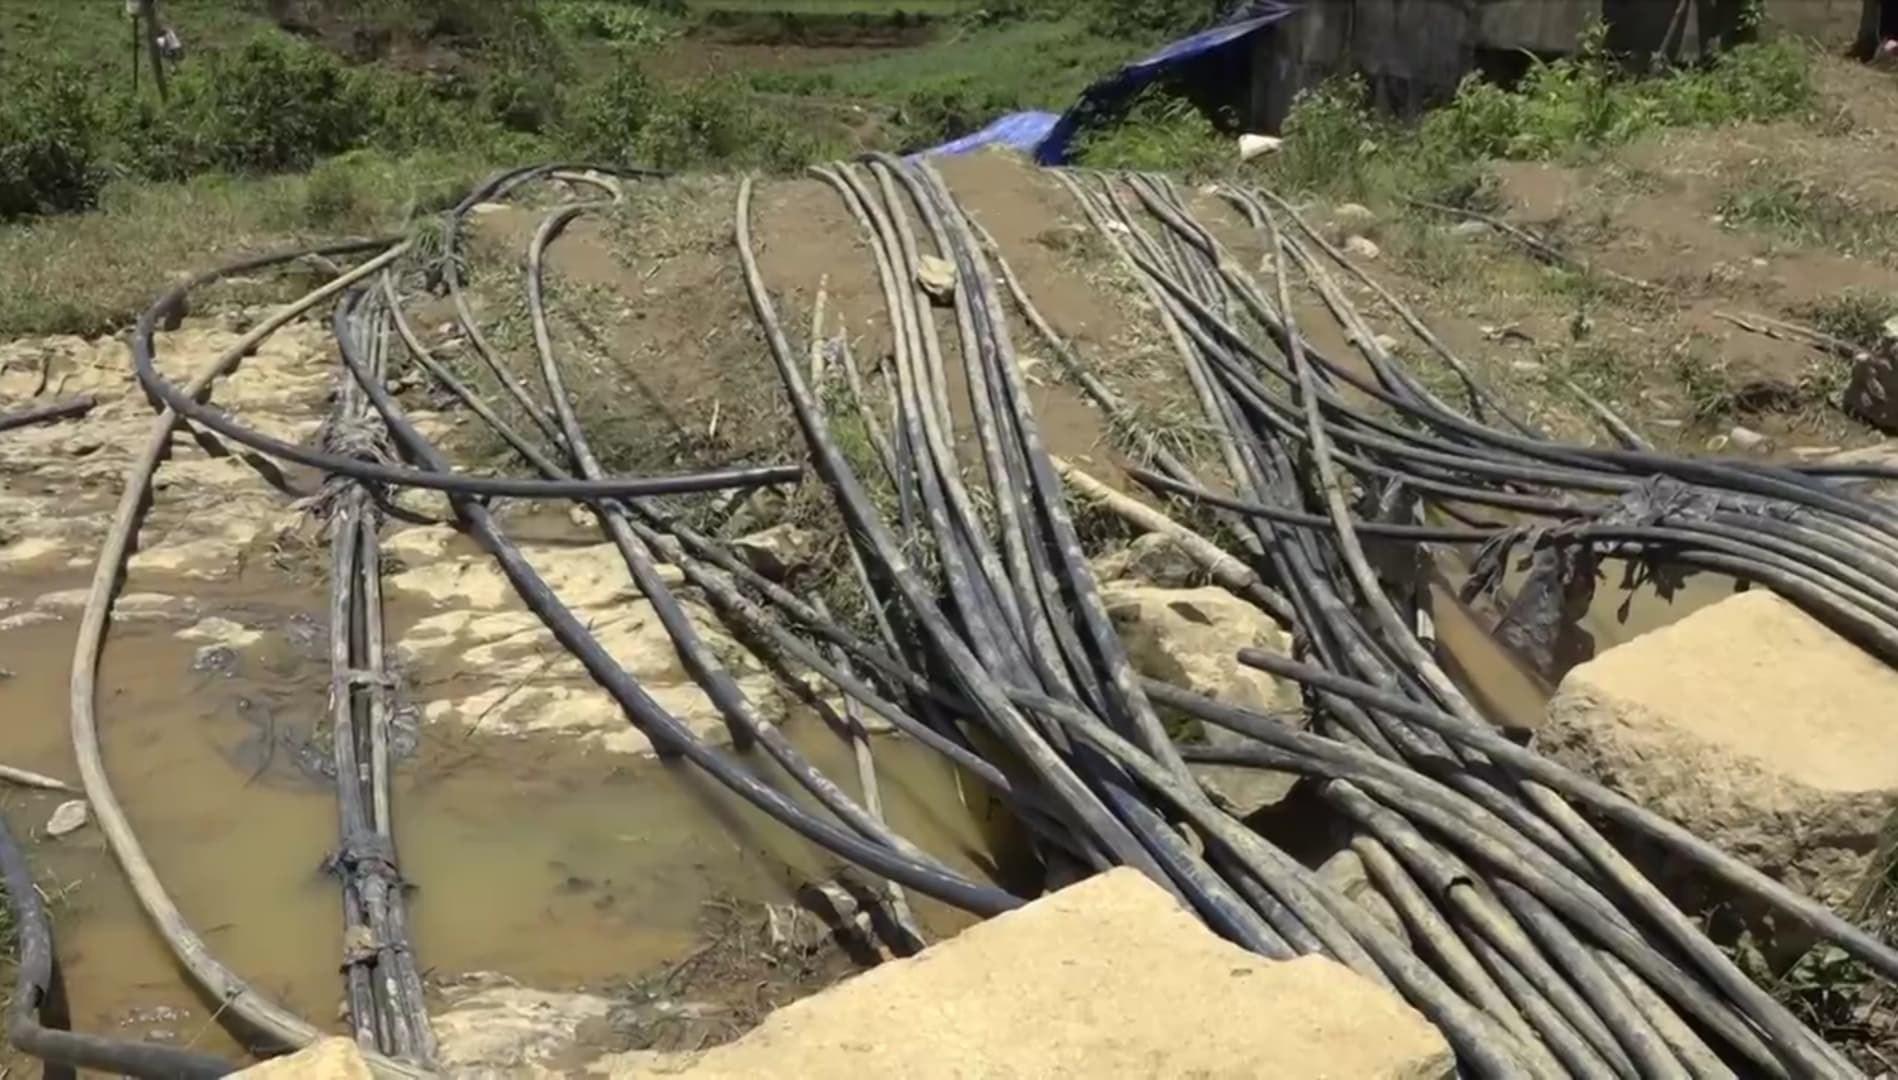 Cận cảnh hiện trường giải cứu nạn nhân mắc kẹt trong hang đá ở Lào Cai - Ảnh 2.